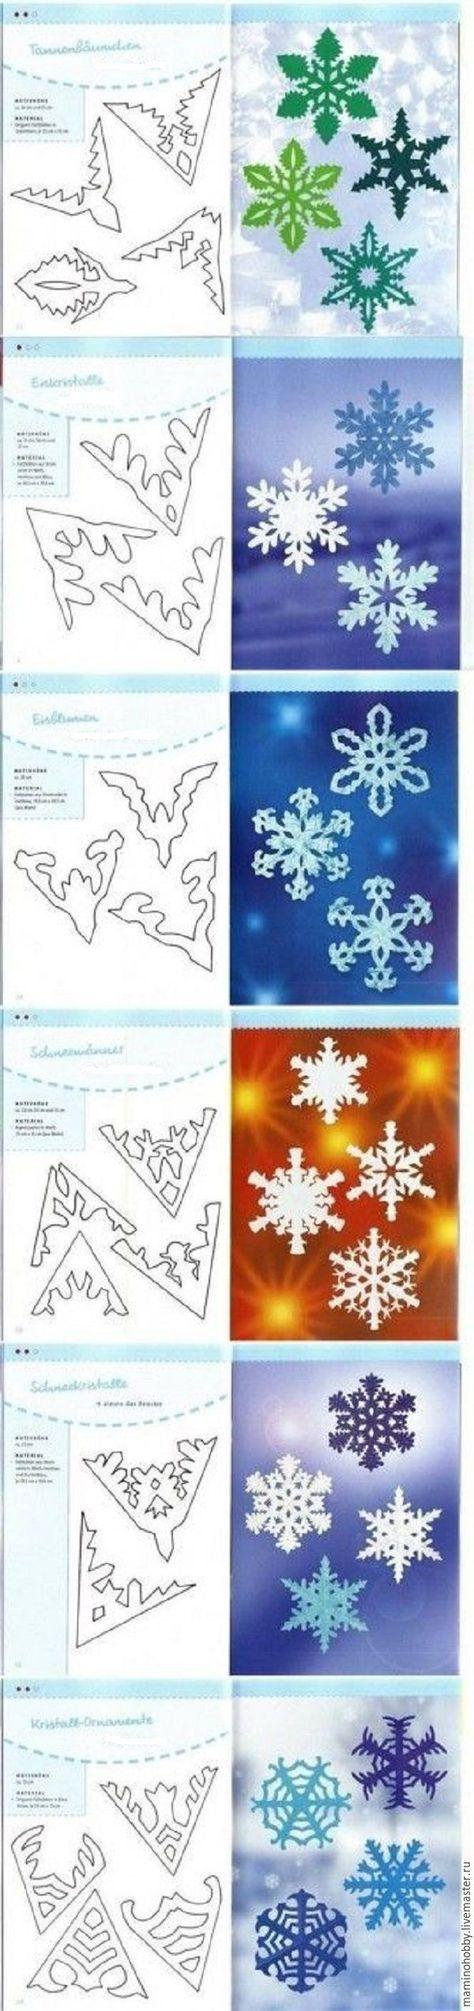 В этом году я декорирую дом к Новому году по минимуму, но от снежинок я не смогла отказаться. Обычно для вырезания снежинок я складываю бумагу на 8 частей, а в интернете увидела сложение в 6 частей и массу интересных силуэтов, которыми спешу с вами поделиться. Нам понадобится: - бумага, цветная и белая; - канцелярский зажим и ножницы. Для особо изысканных силуэтов еще скальпель и мат дл…